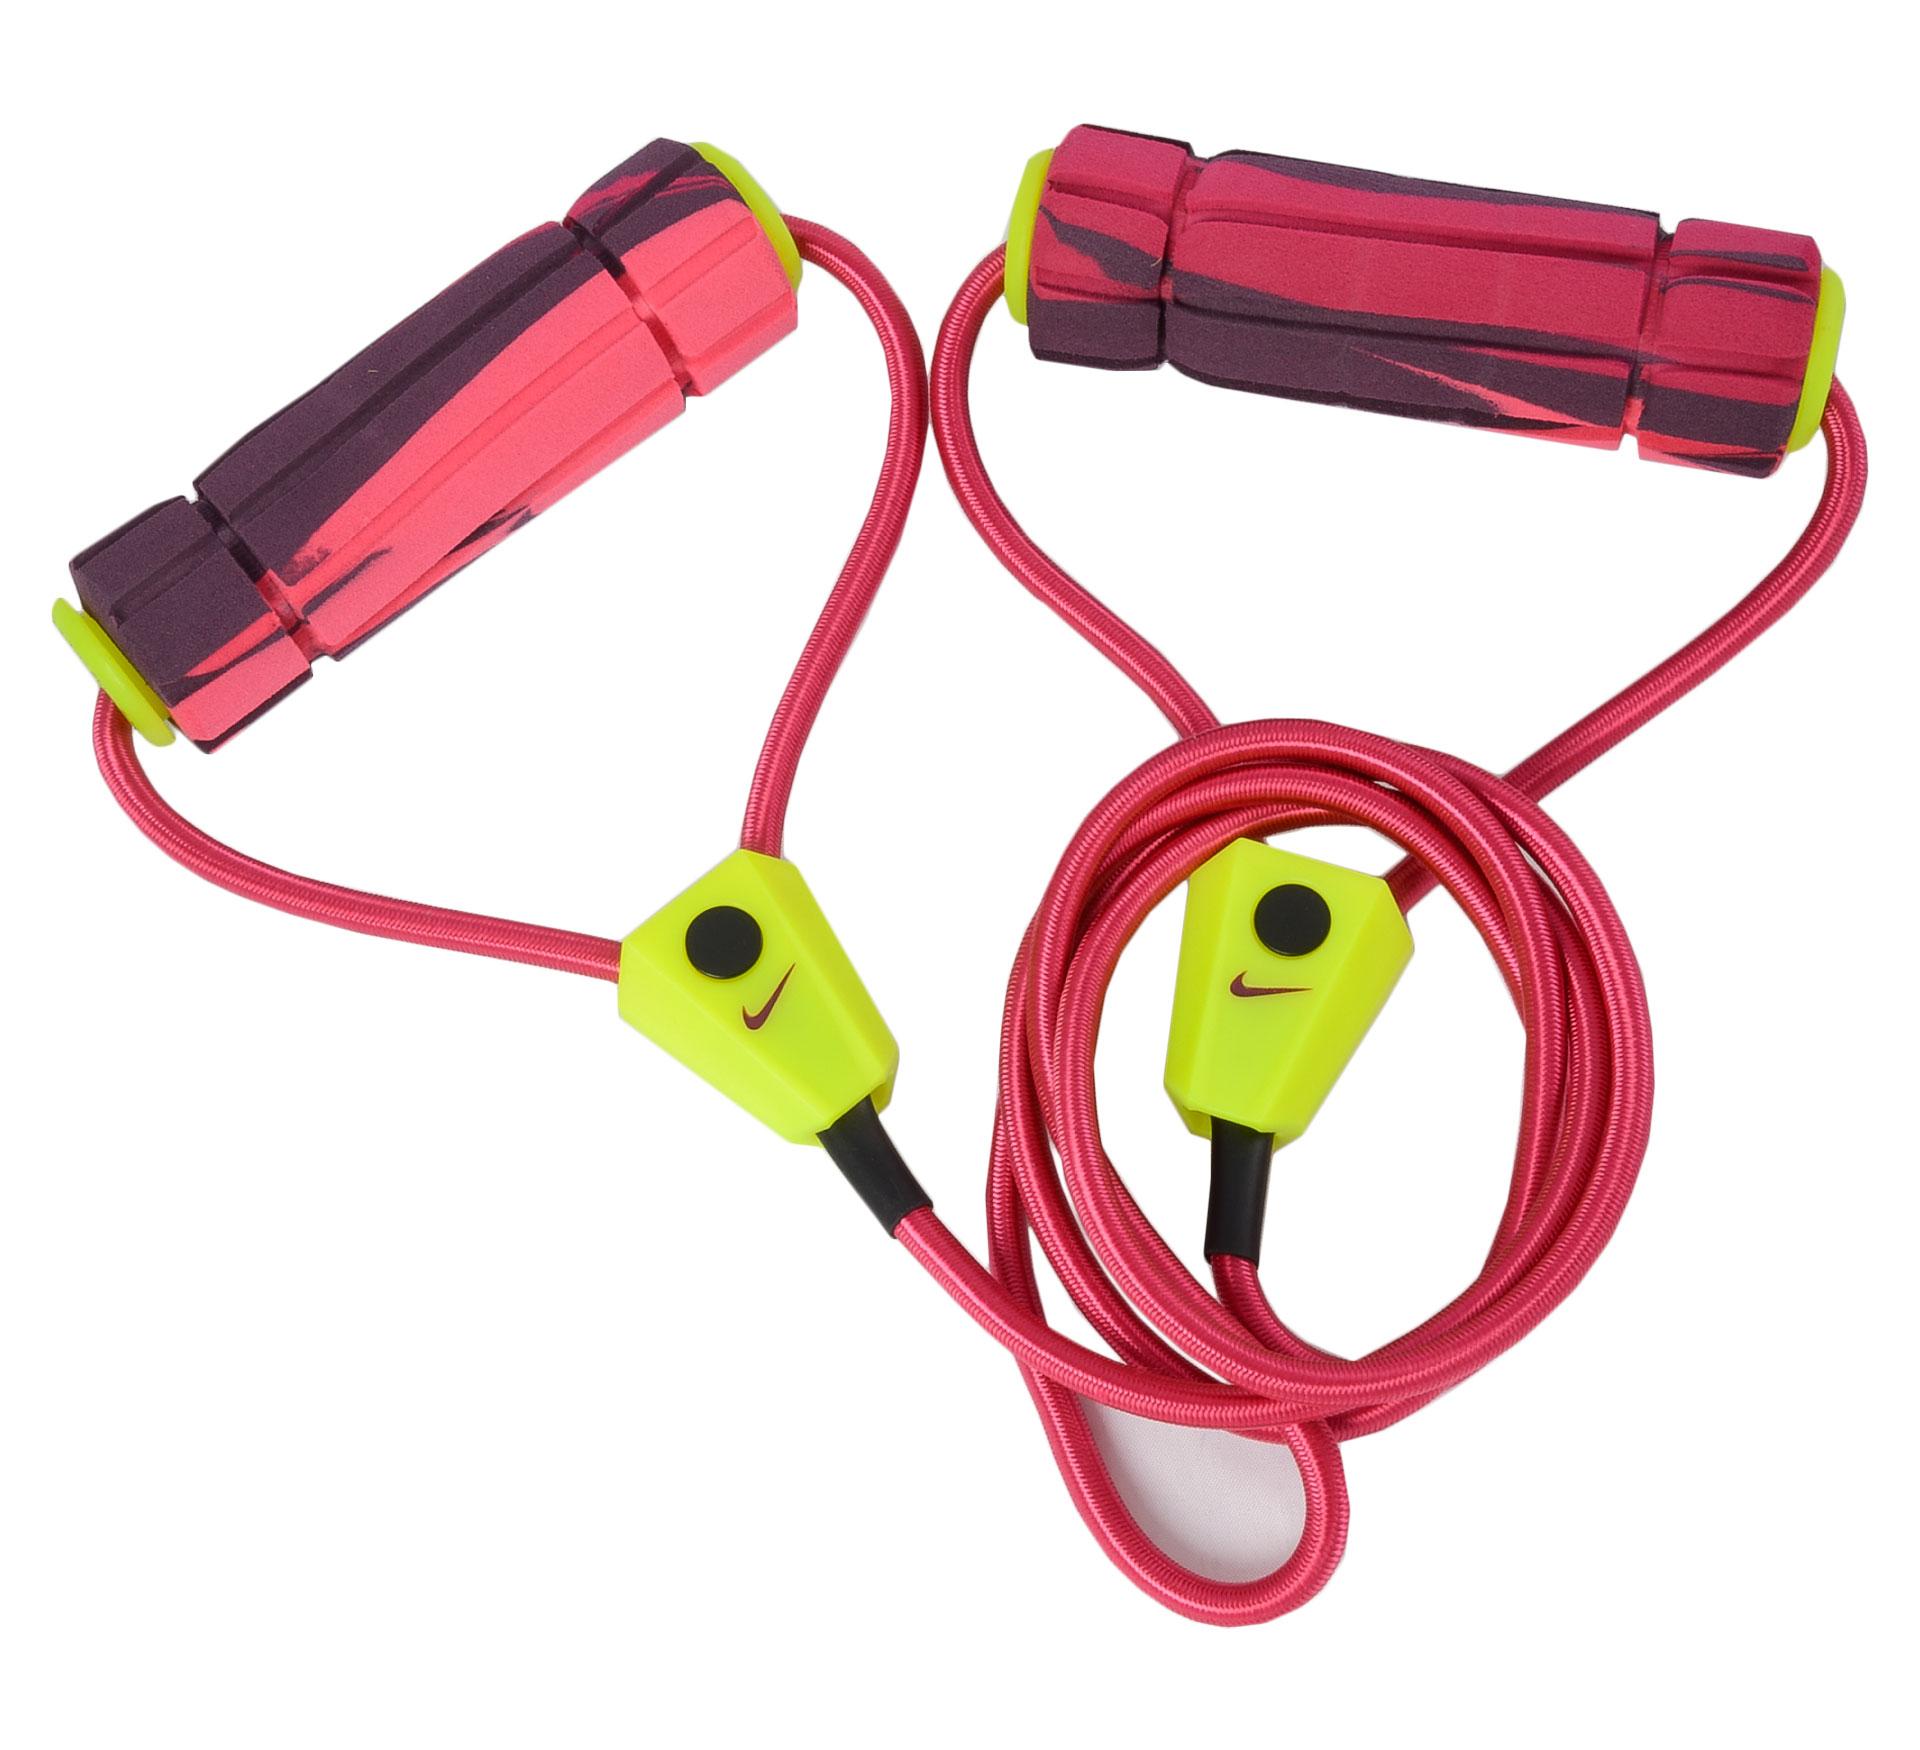 Nike Fitness Lange Weerstands Band 2.0 roze - groen